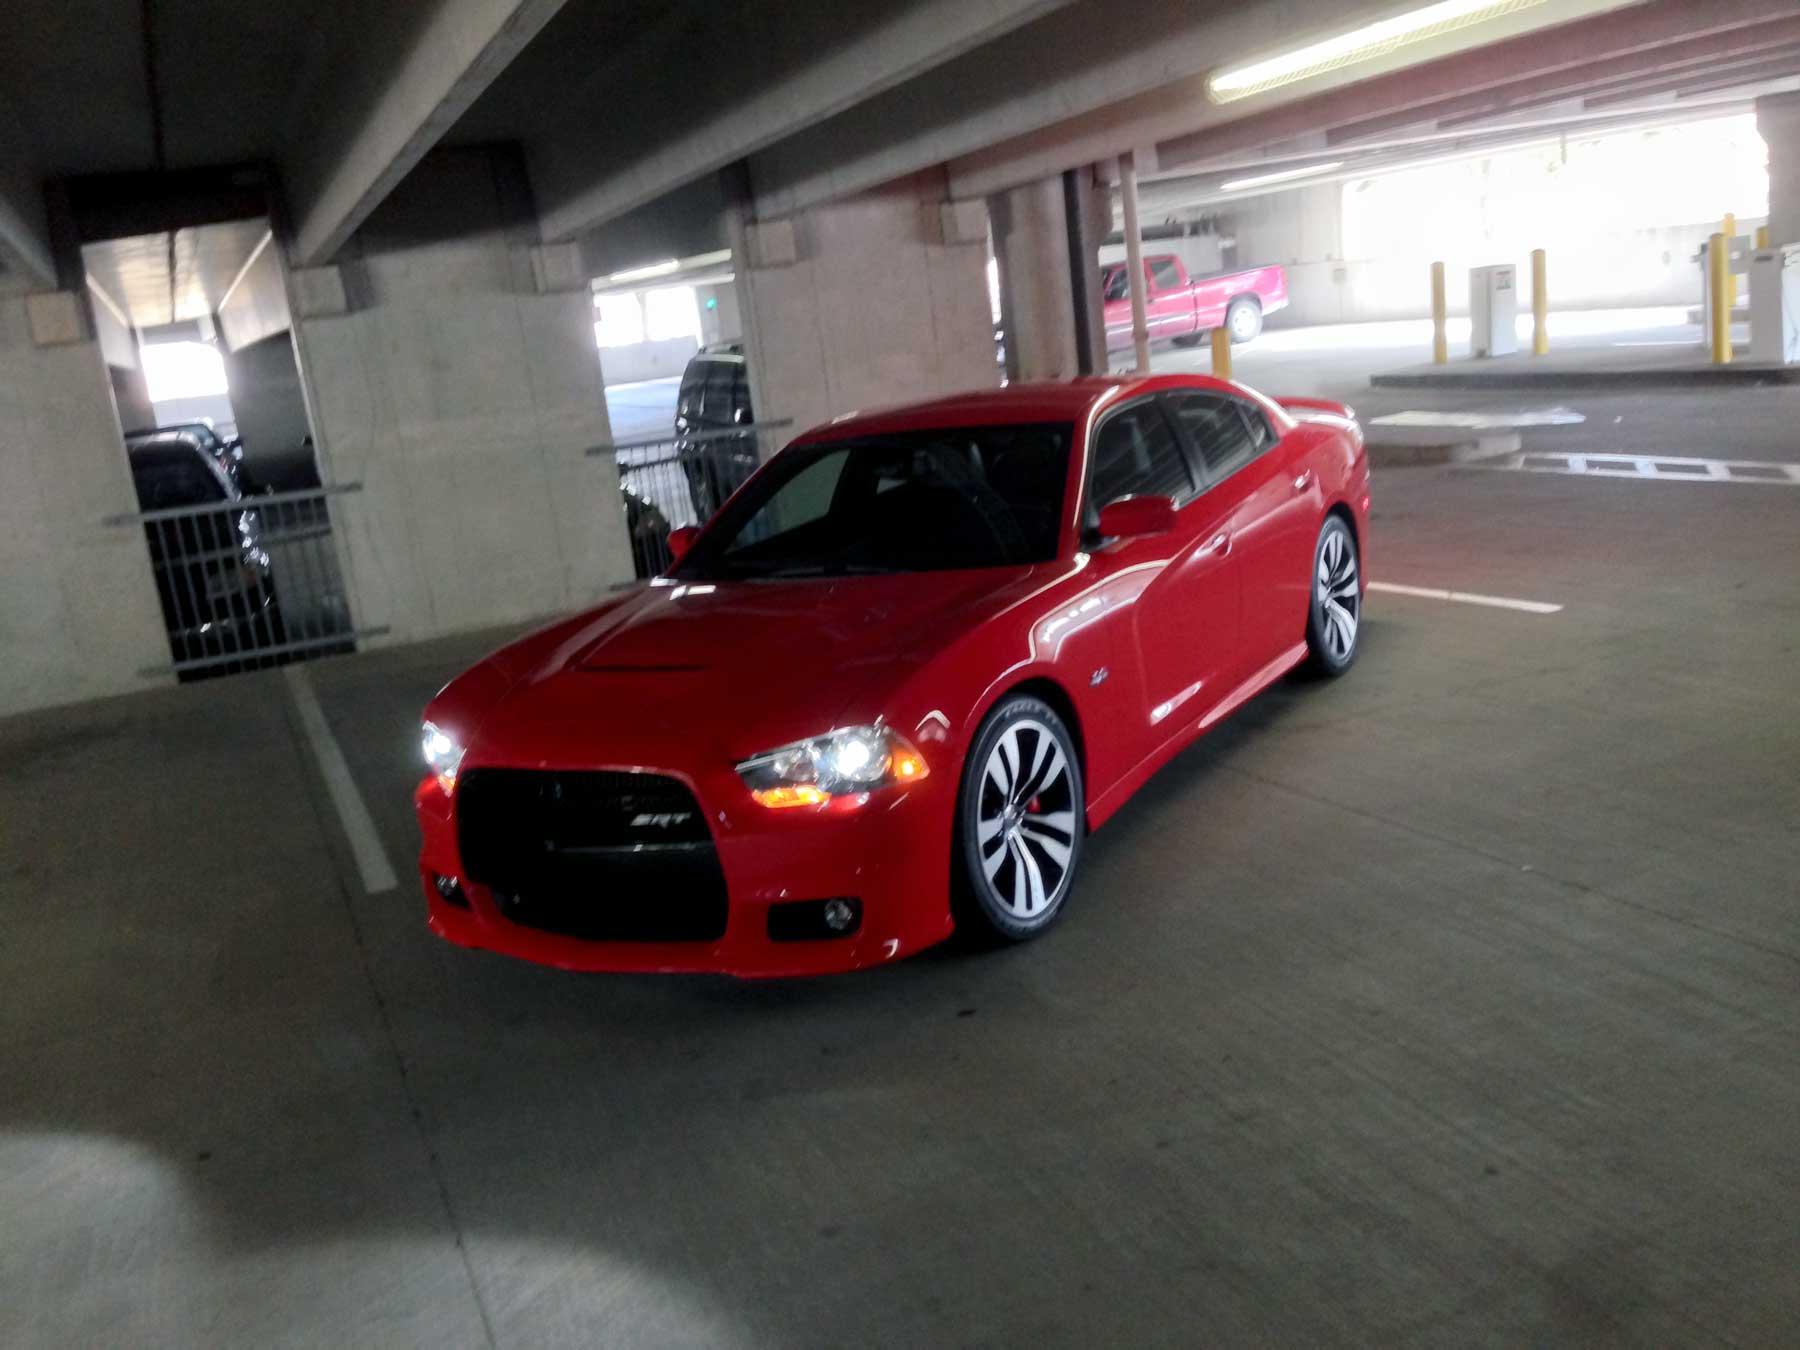 2014 Dodge Charger SRT